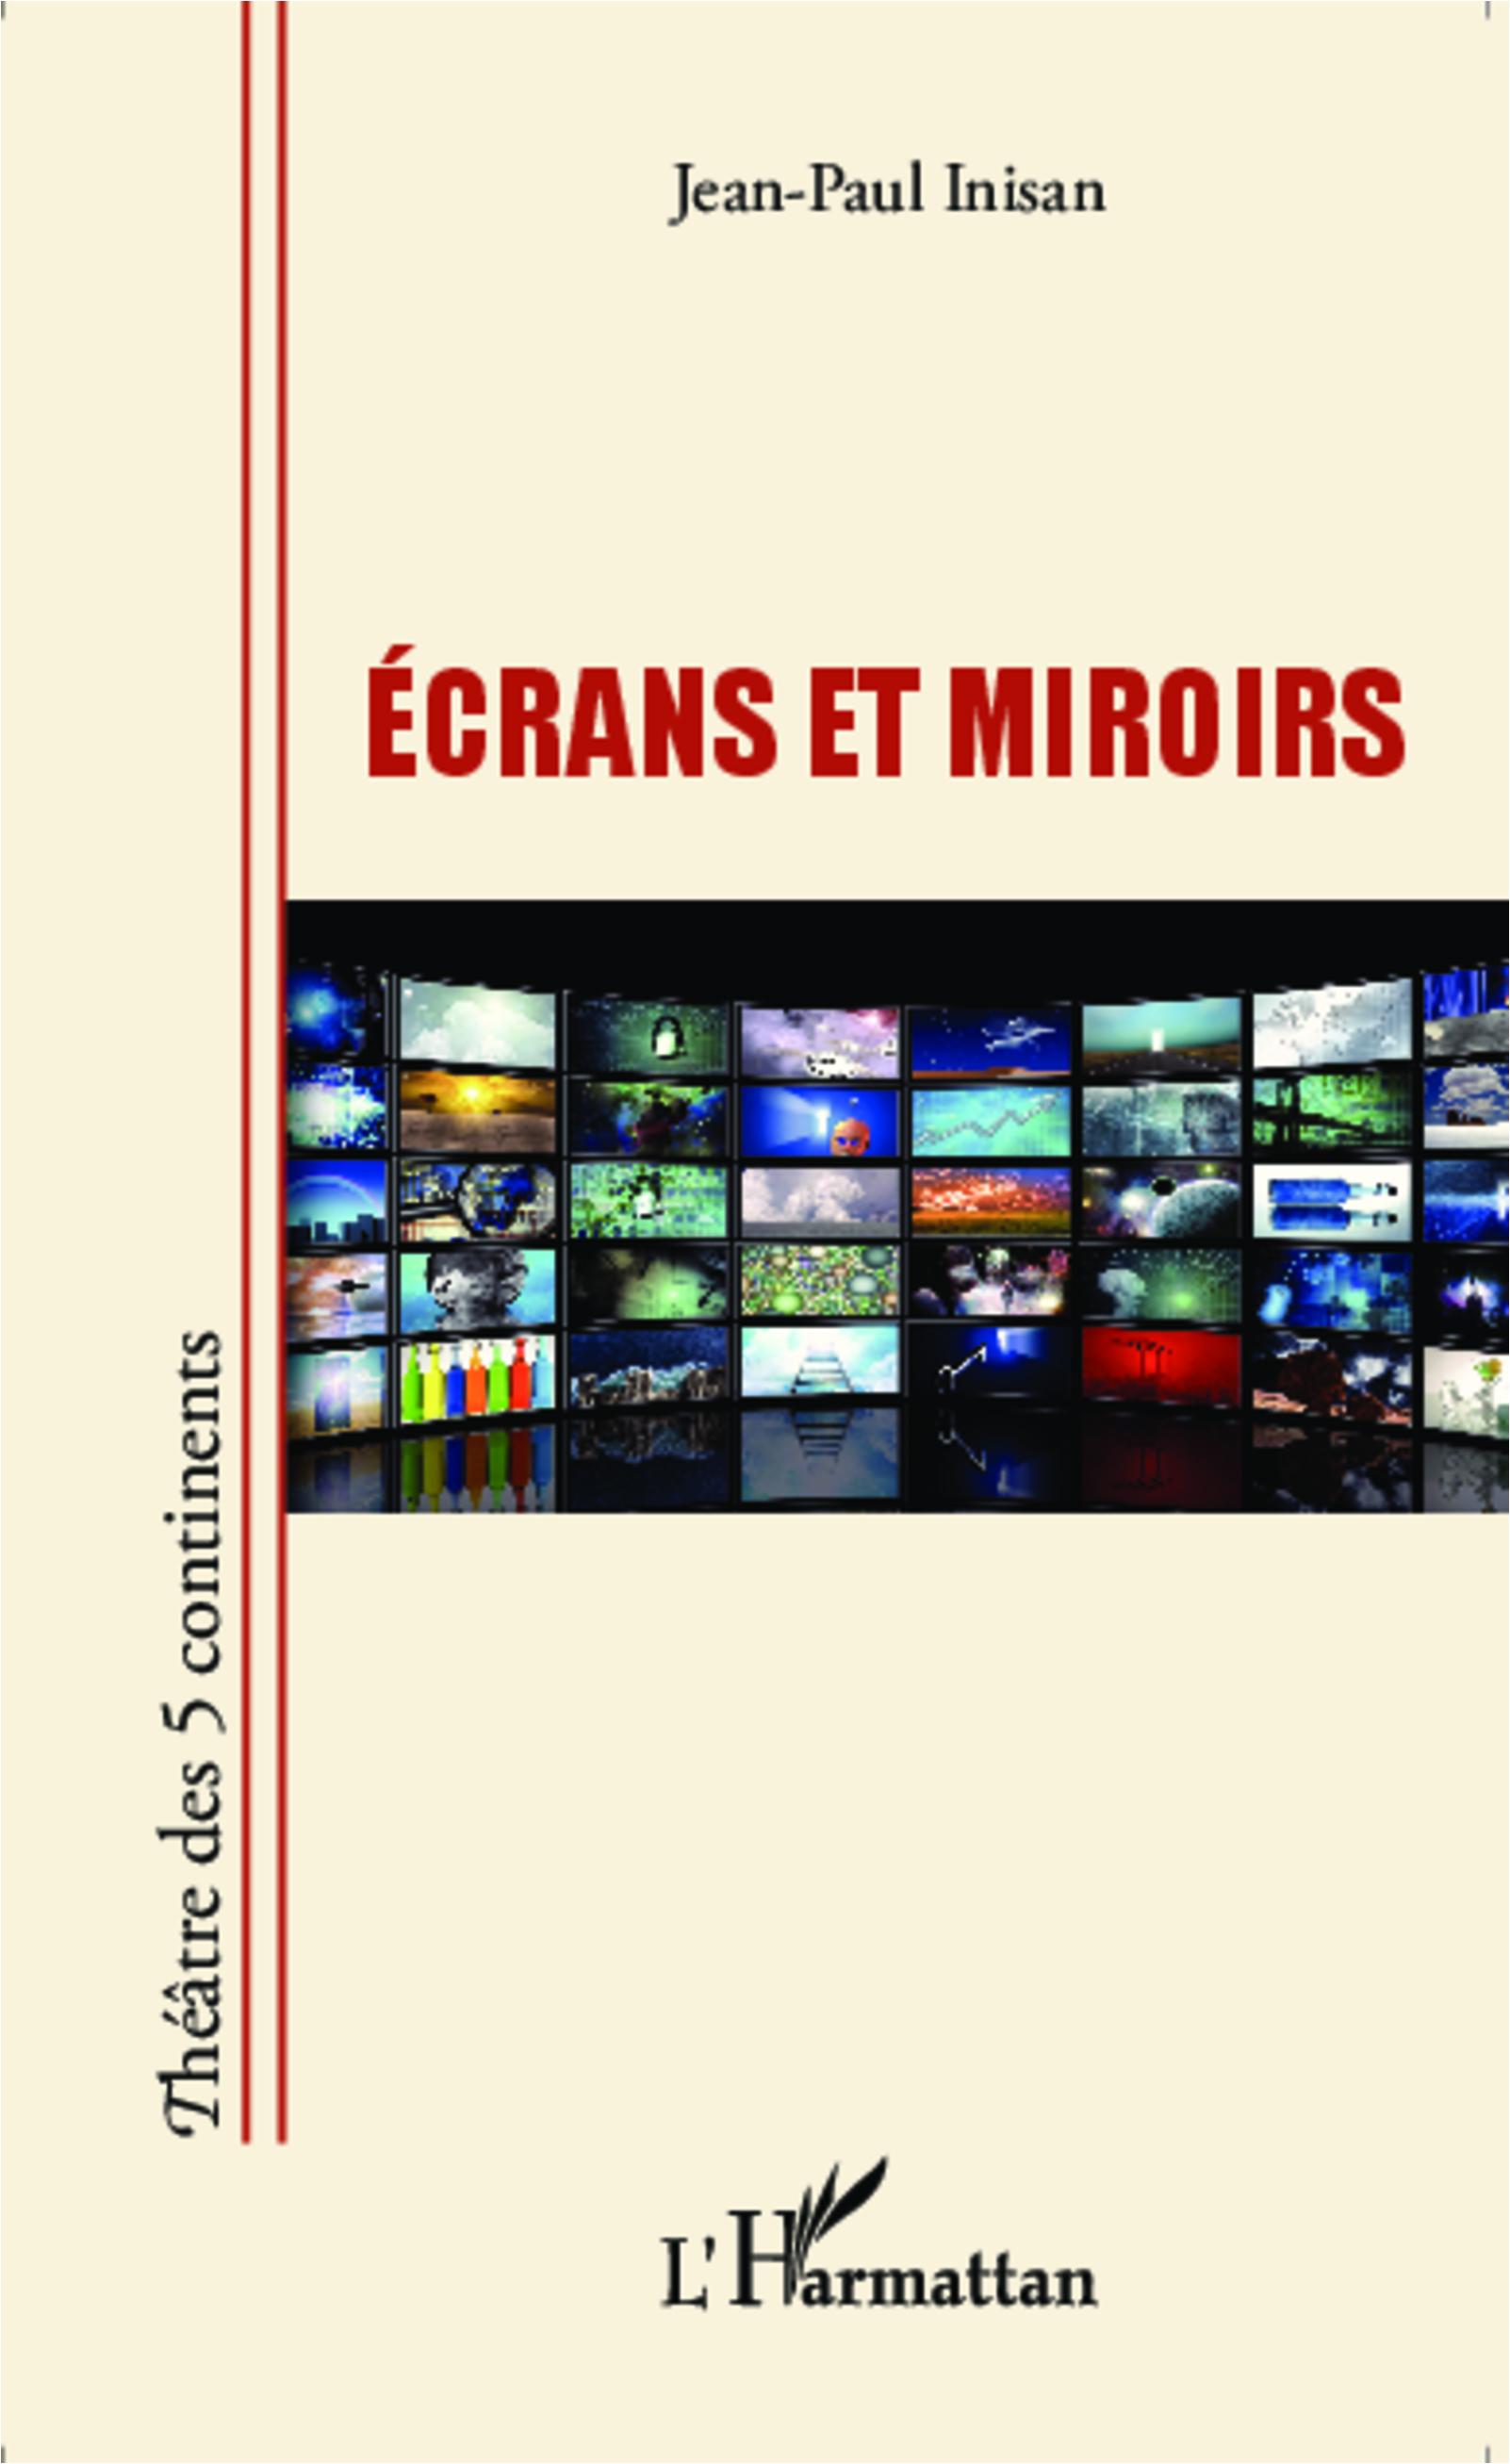 Ecrans et miroirs